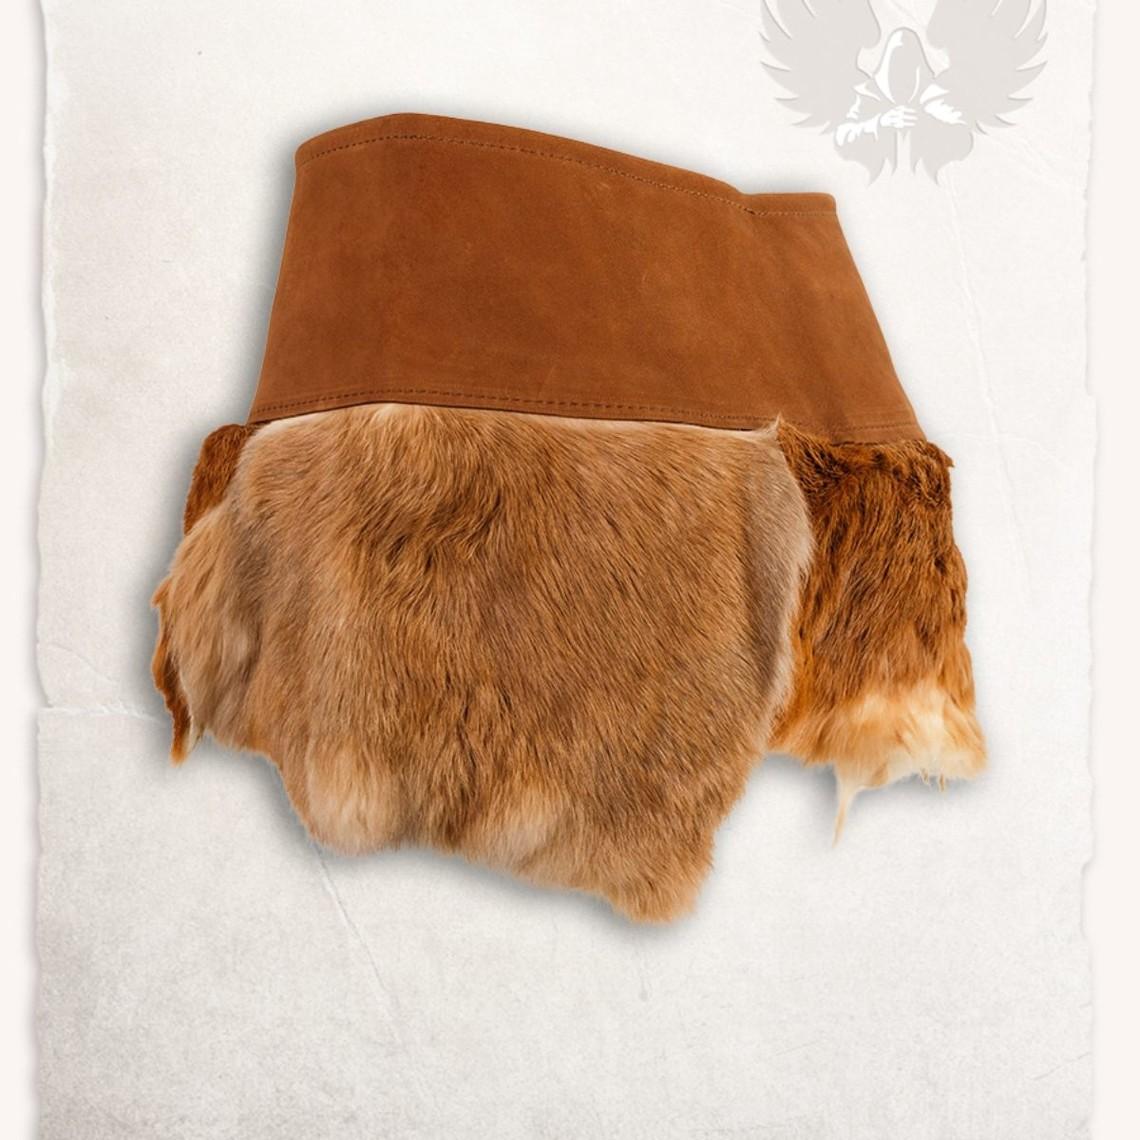 Mytholon Karya bont rok, bruin